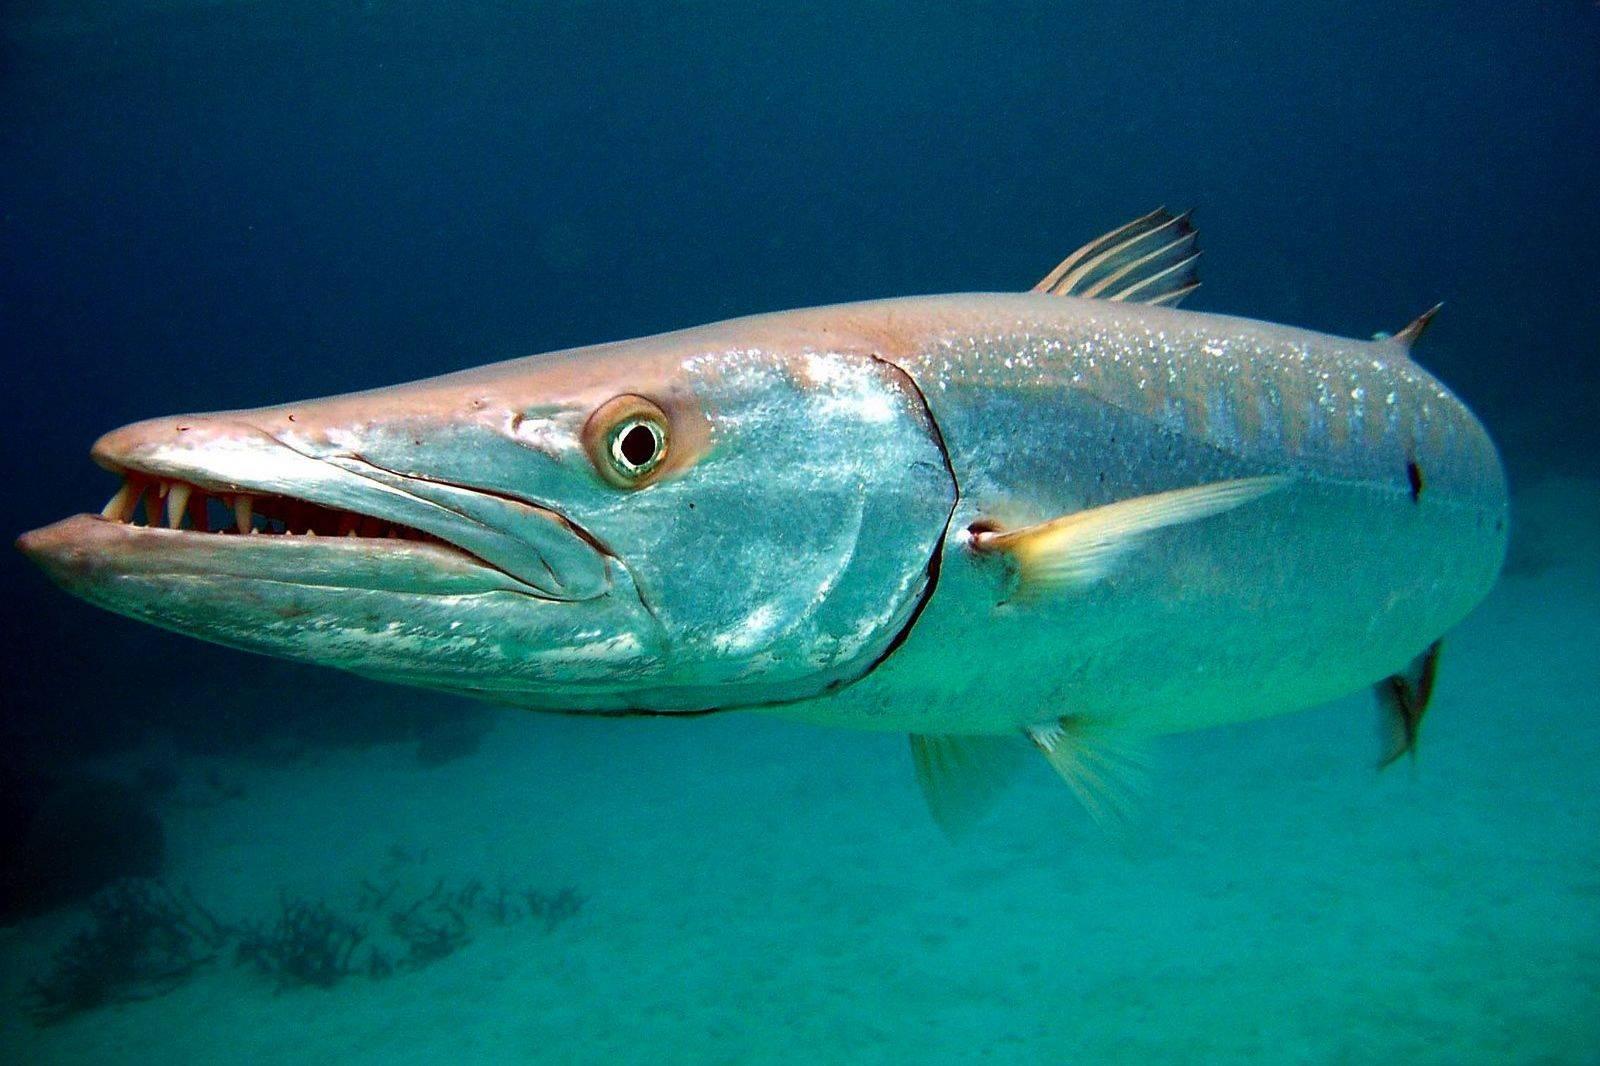 Барракуда. барракуда рыба (морская щука) фото, описание, размножение